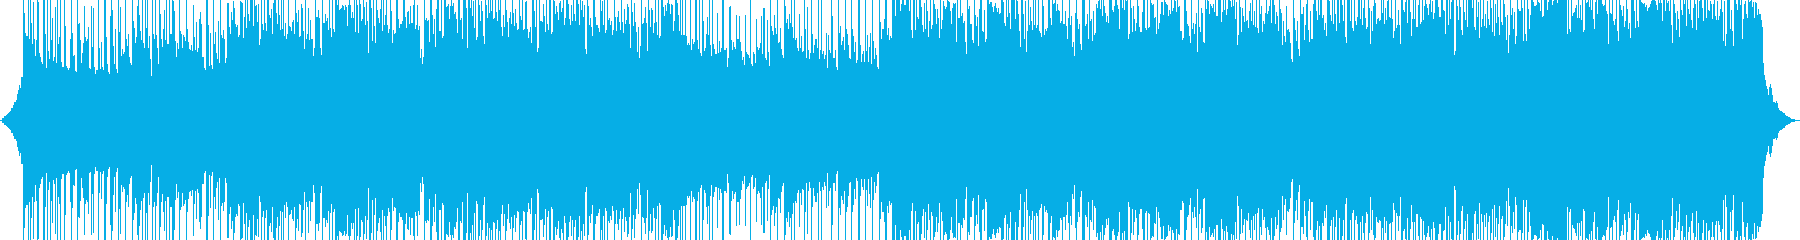 アンビエント コーポレート ほのぼ...の再生済みの波形